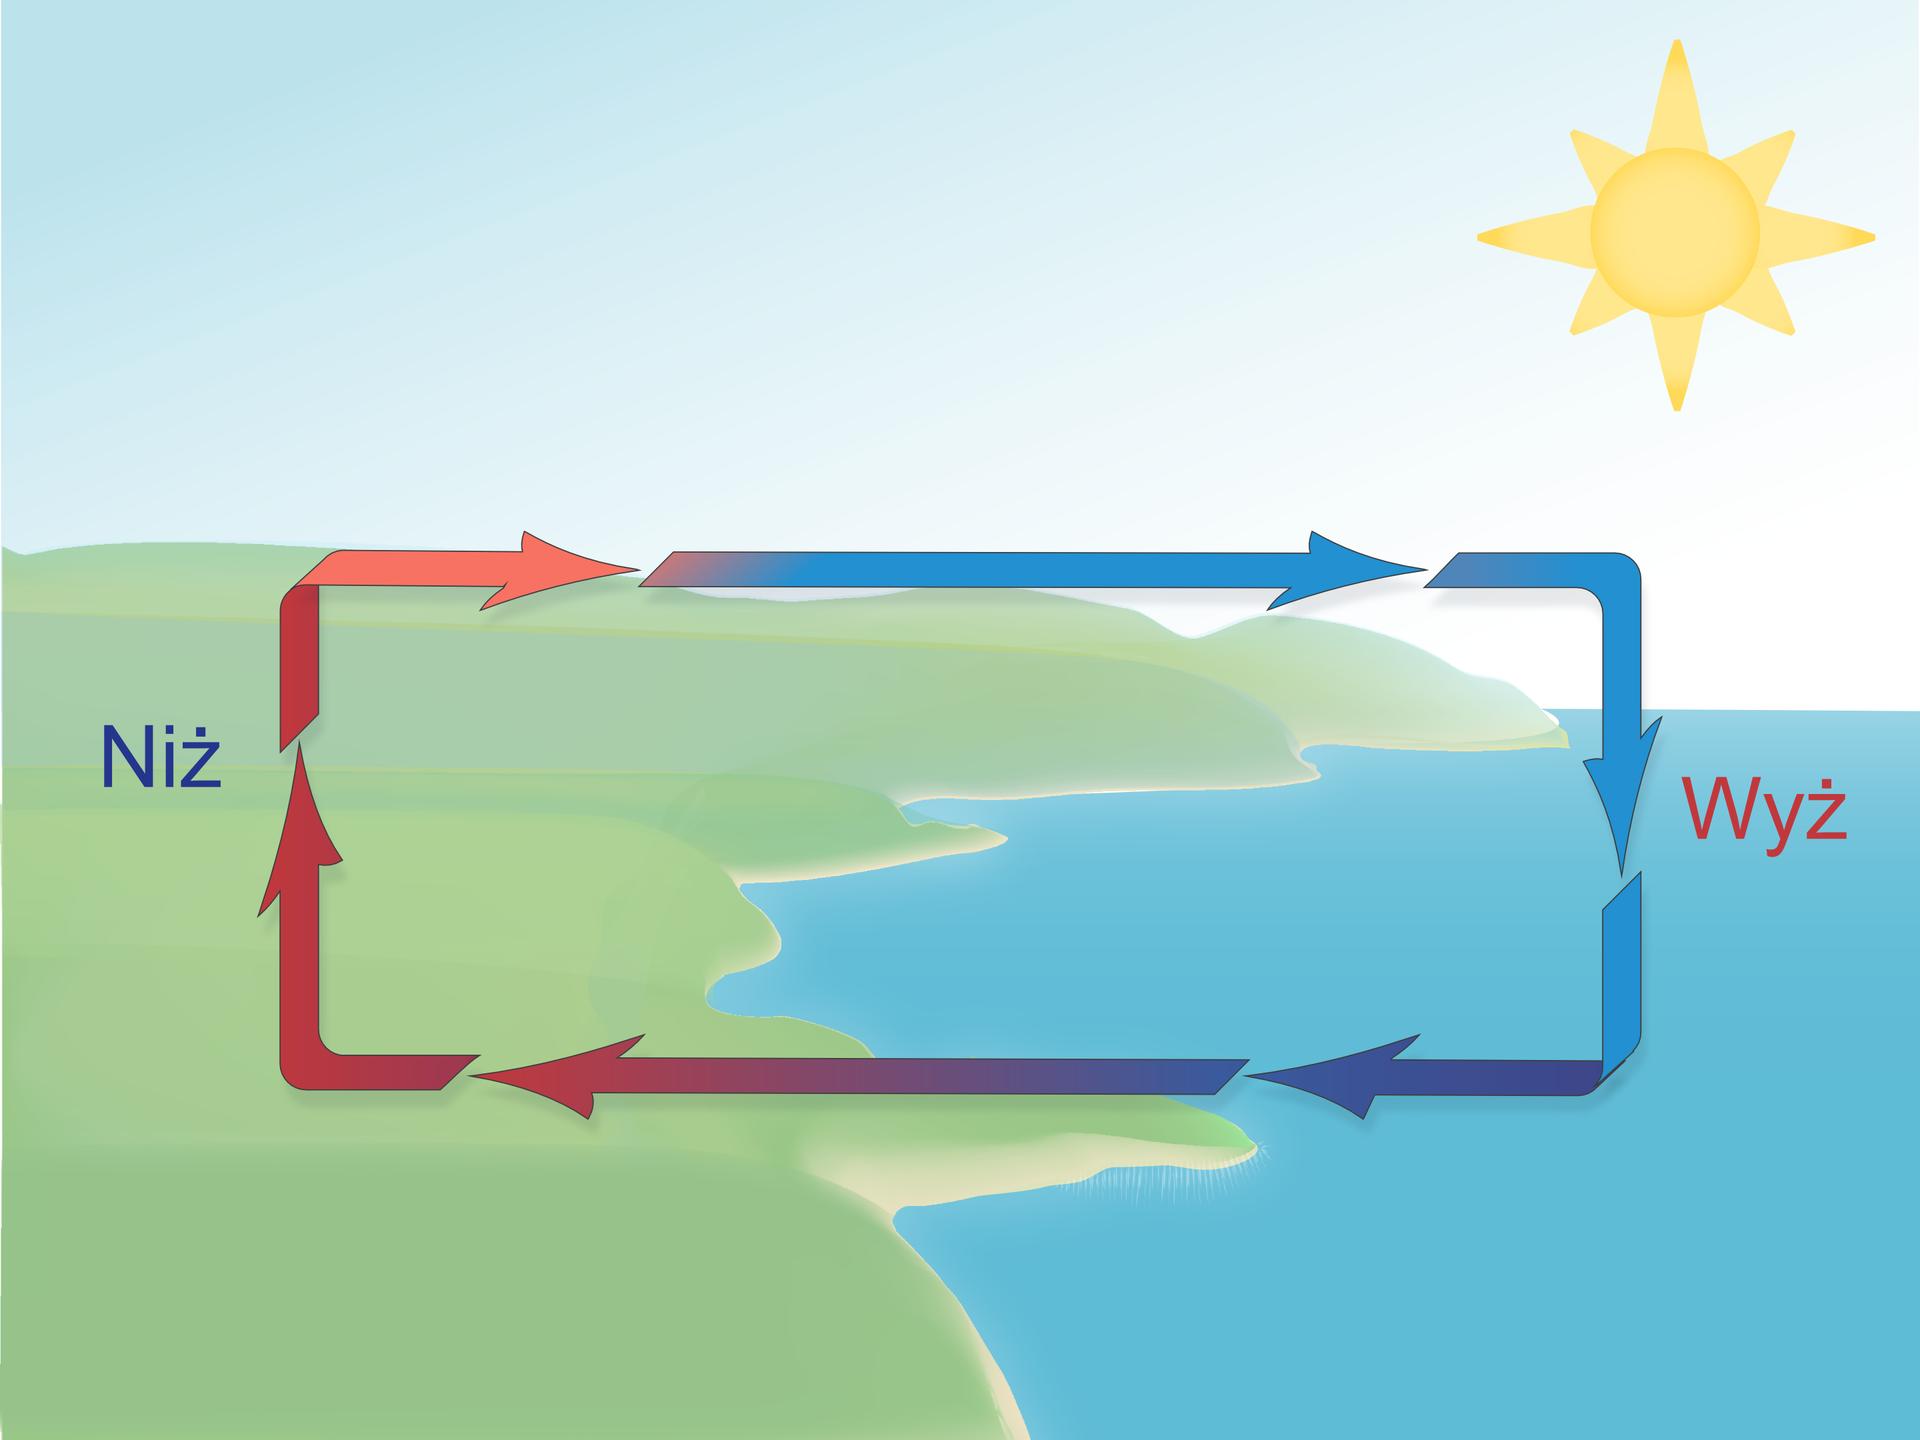 """Ilustracja przedstawia brzeg morza wsłoneczny dzień. Na lewo teren na zielono. Na prawo niebieskie morze. Na pierwszym planie strzałki ułożone wkształcie prostokąta wskazują kierunek cyrkulacji powietrza. Groty strzałek skierowane zgodnie zruchem wskazówek zegara. Na lewo od strzałek nad lądem napis """"niż"""". Strzałki nad lądem wkolorze czerwonym. Na prawo od strzałek nad wodą napis """"wyż"""" istrzałki wkolorze niebieskim."""